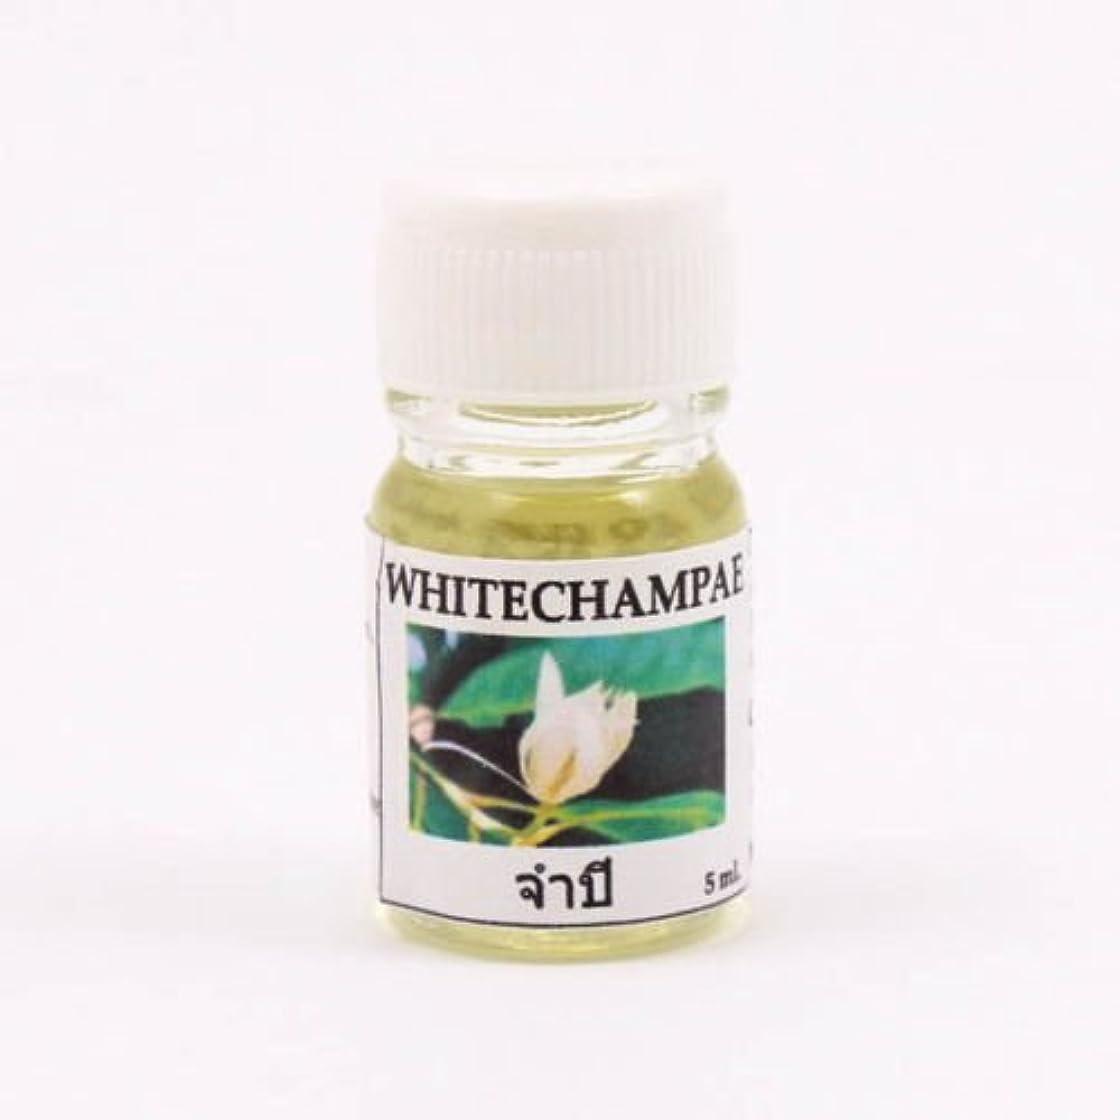 6X White Champa Fragrance Essential Oil 5ML. (cc) Diffuser Burner Therapy